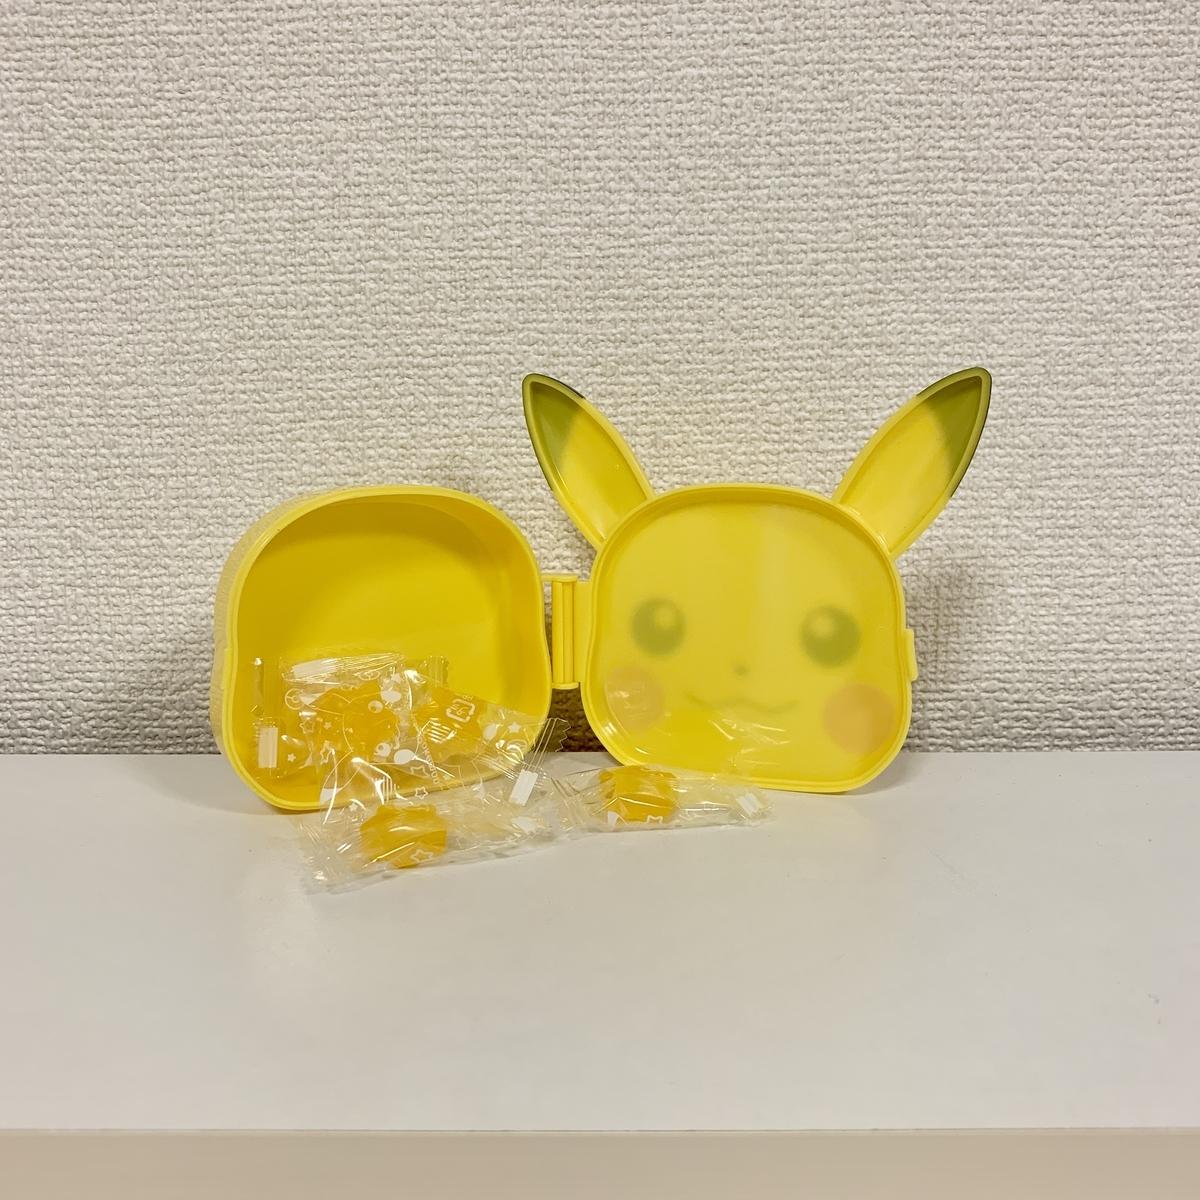 f:id:pikachu_pcn:20210910123200j:plain